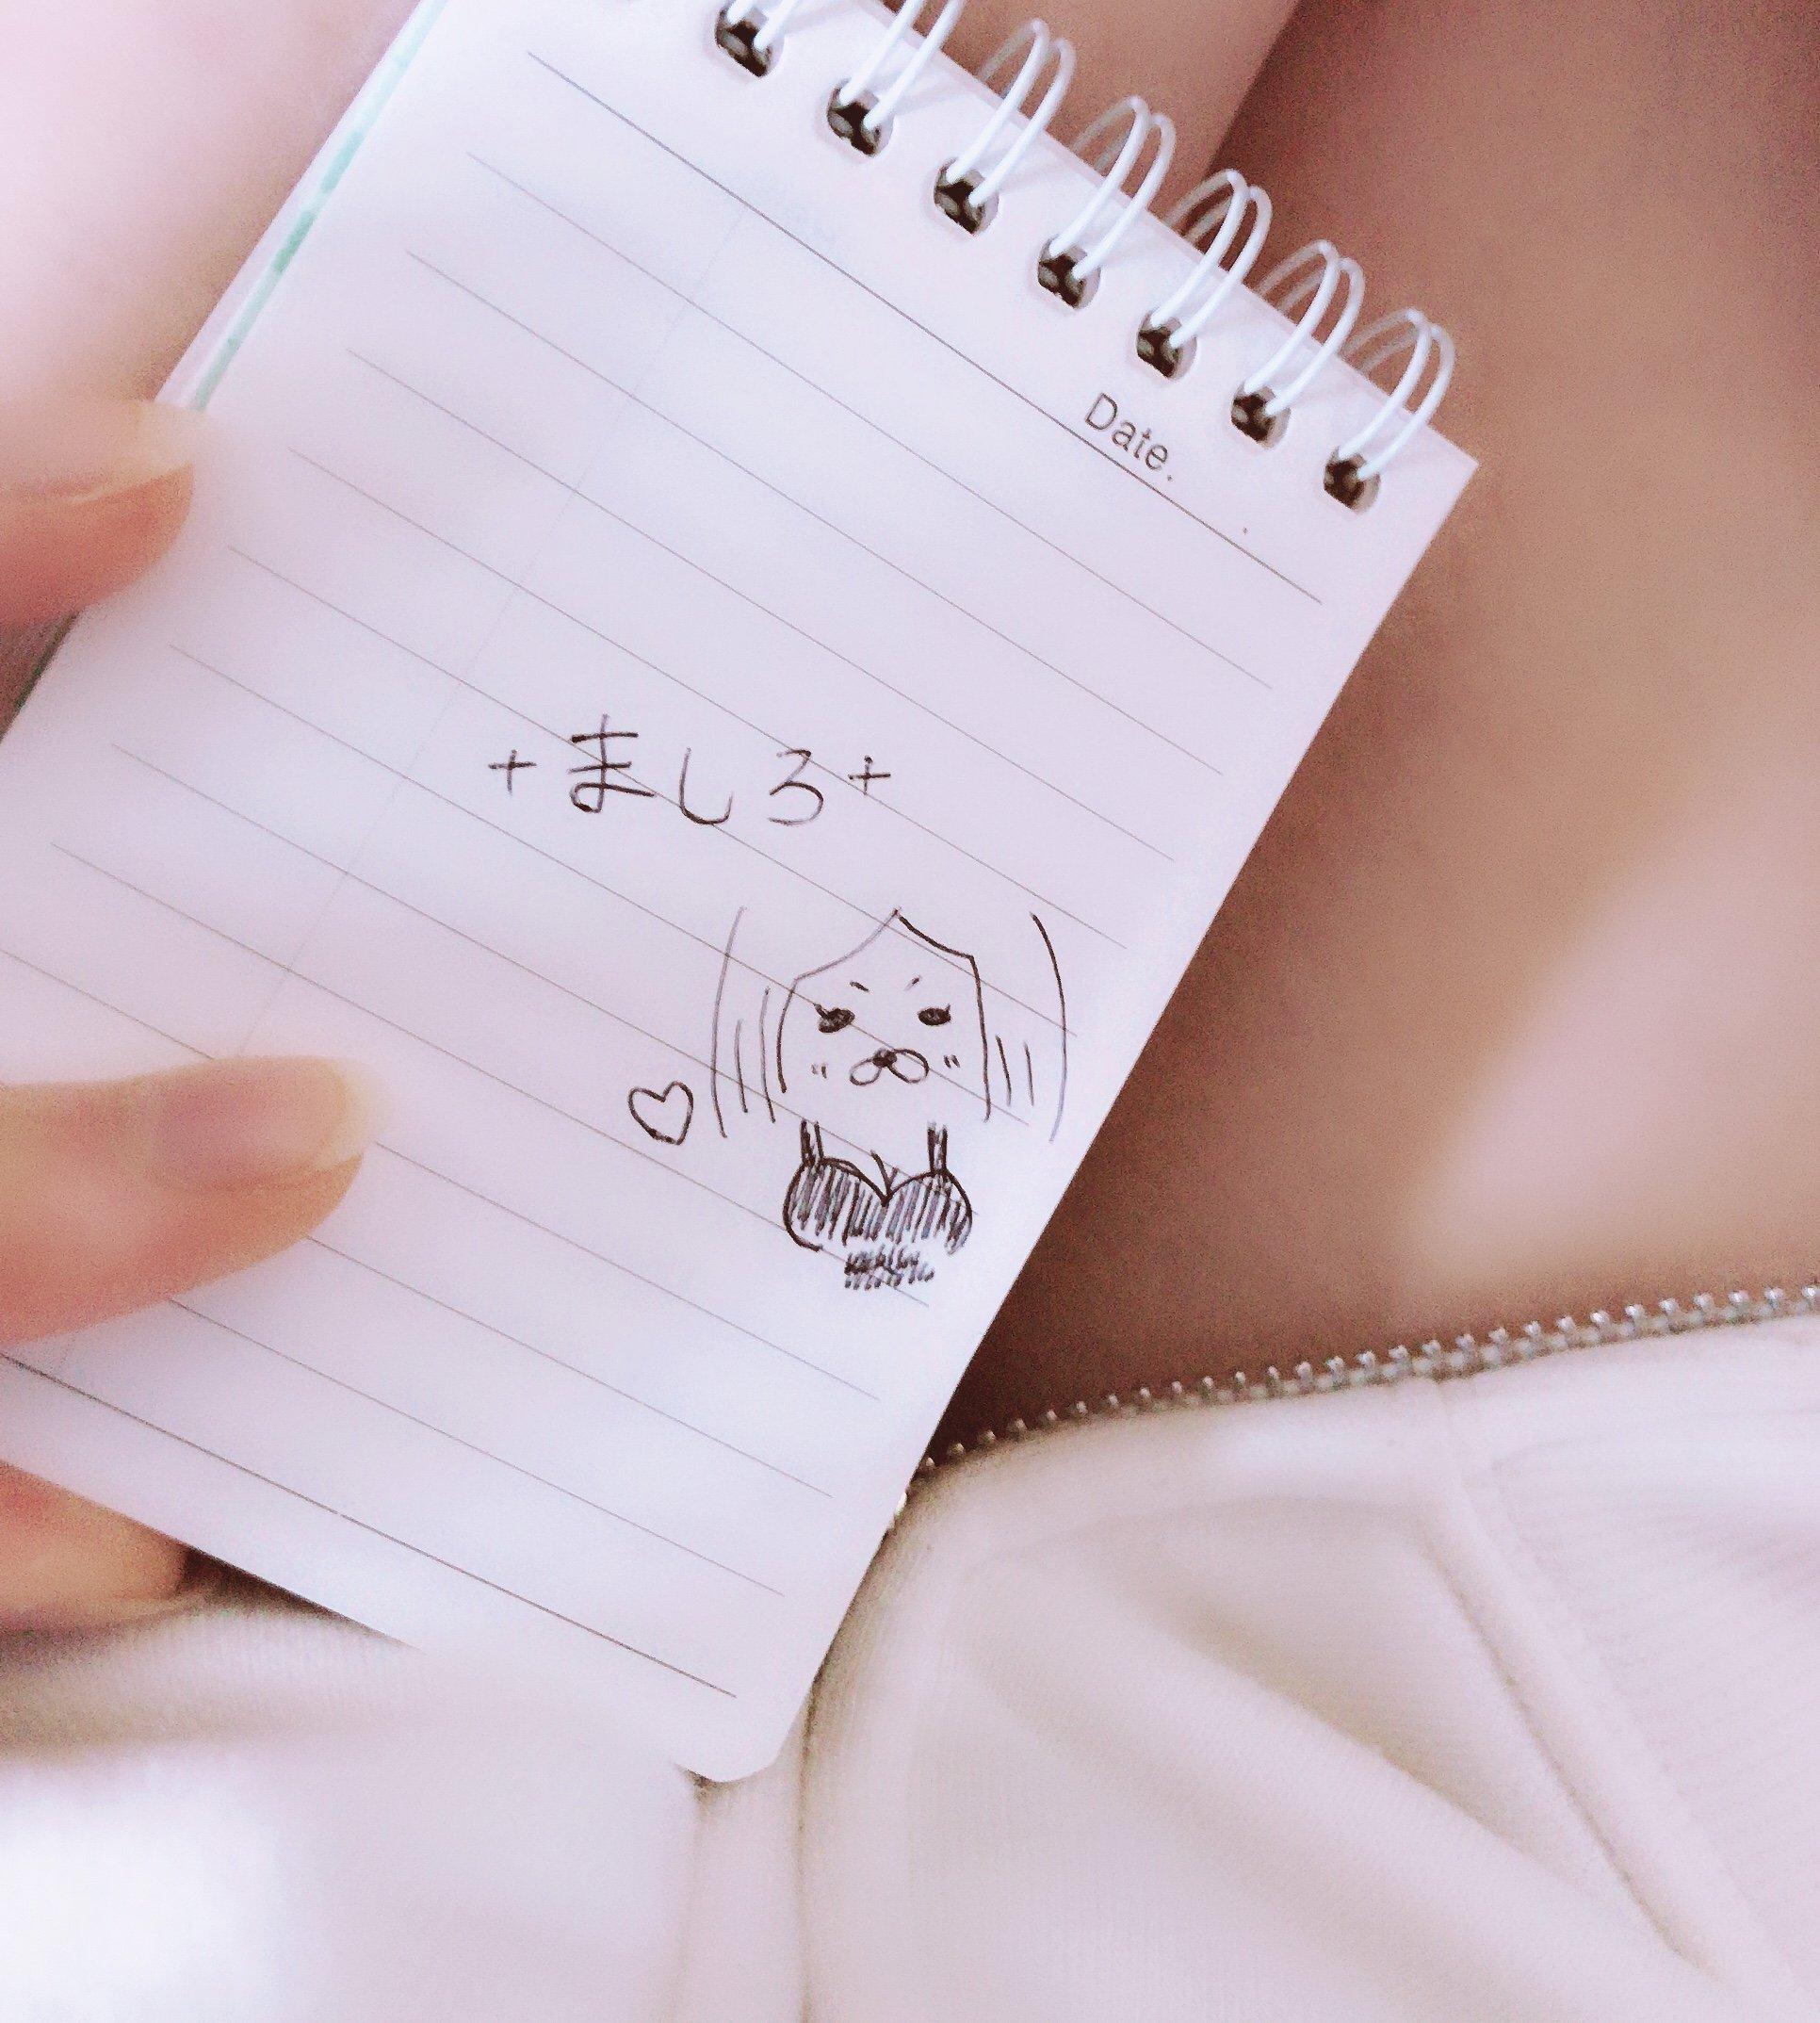 おはようございます★お手紙企画が始まるみたいですね✎*。…